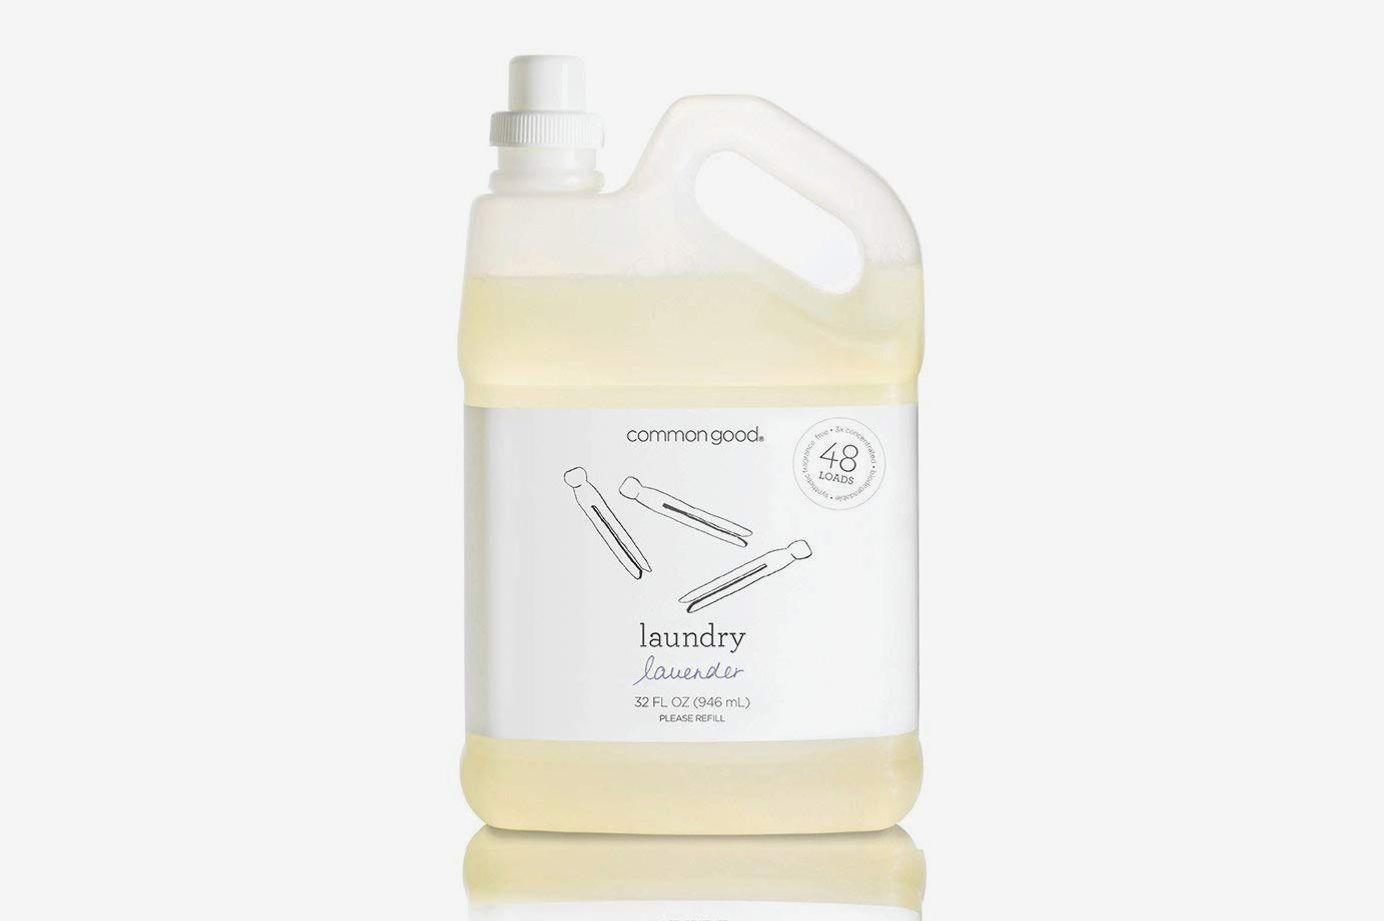 Common Good Laundry Detergent